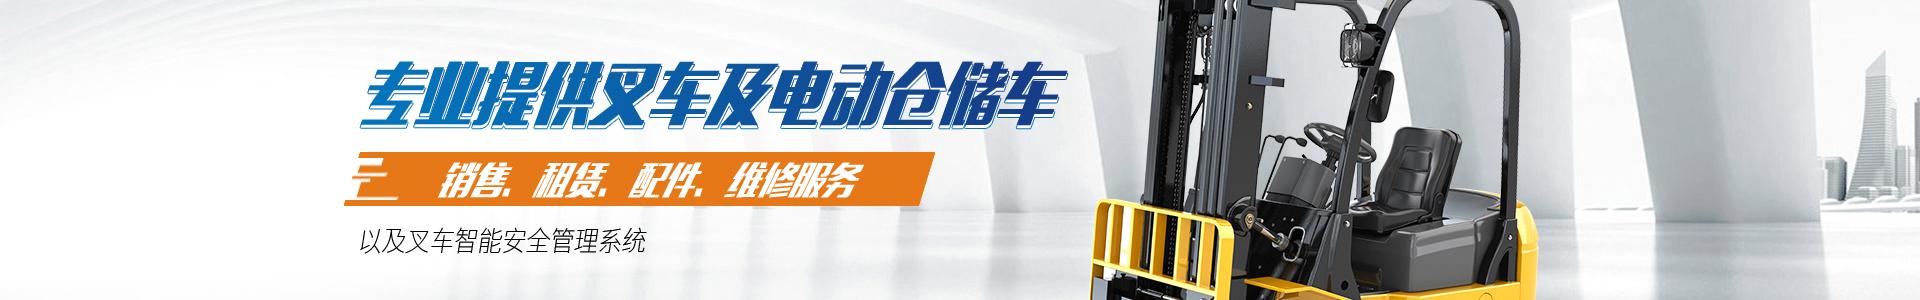 重庆叉车租赁